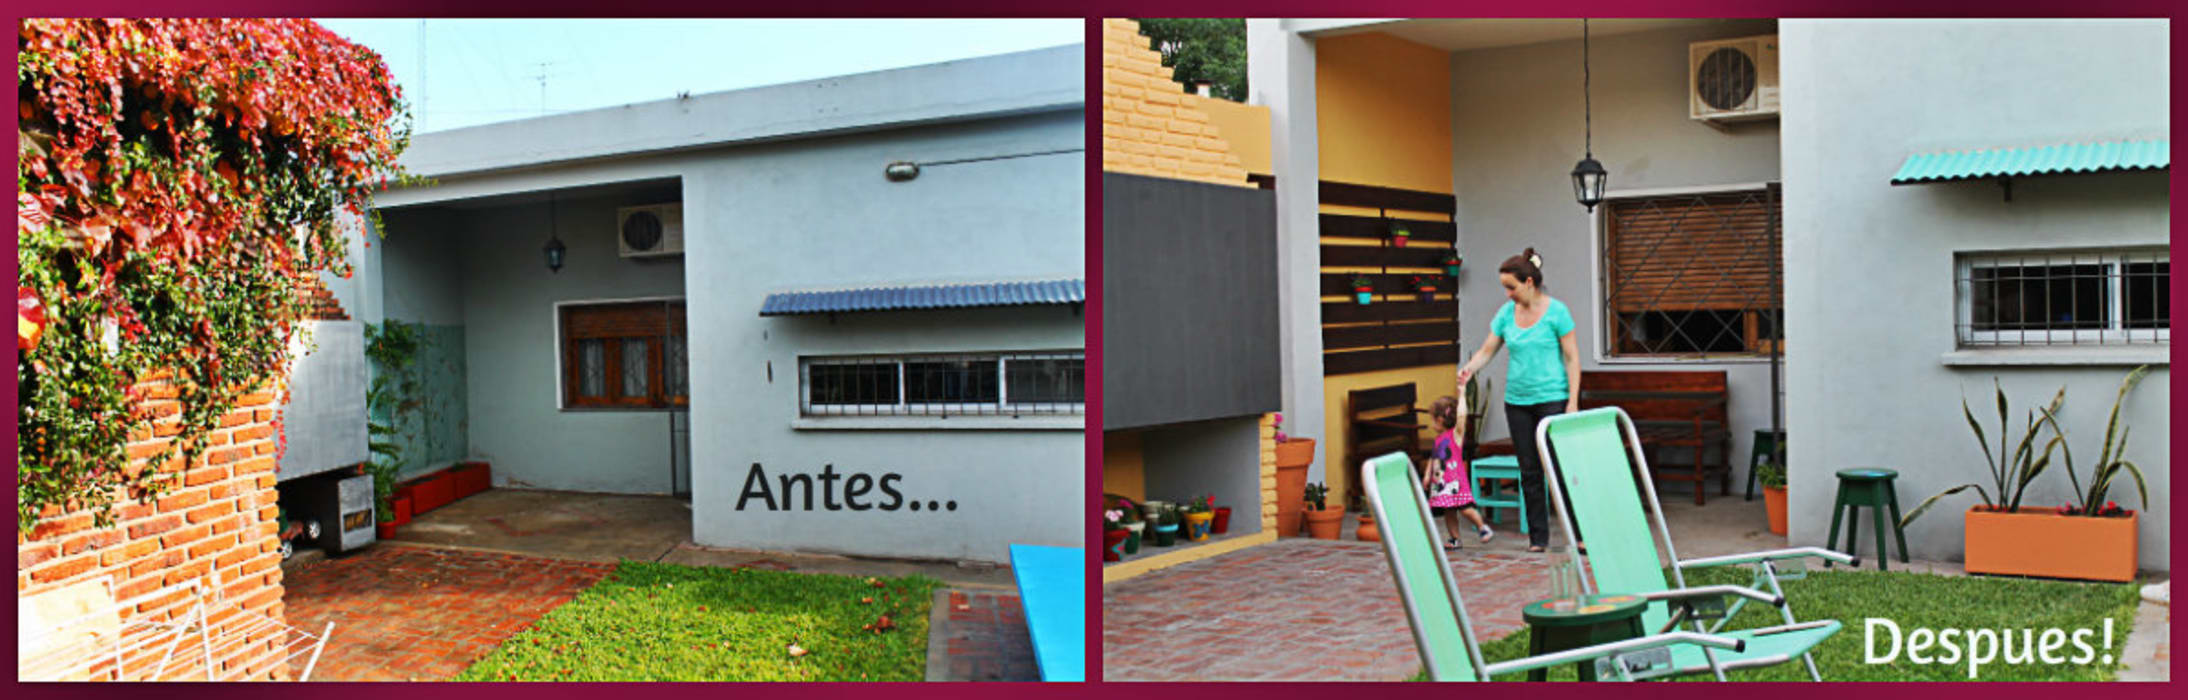 โดย LAS MARIAS casa & jardin โมเดิร์น